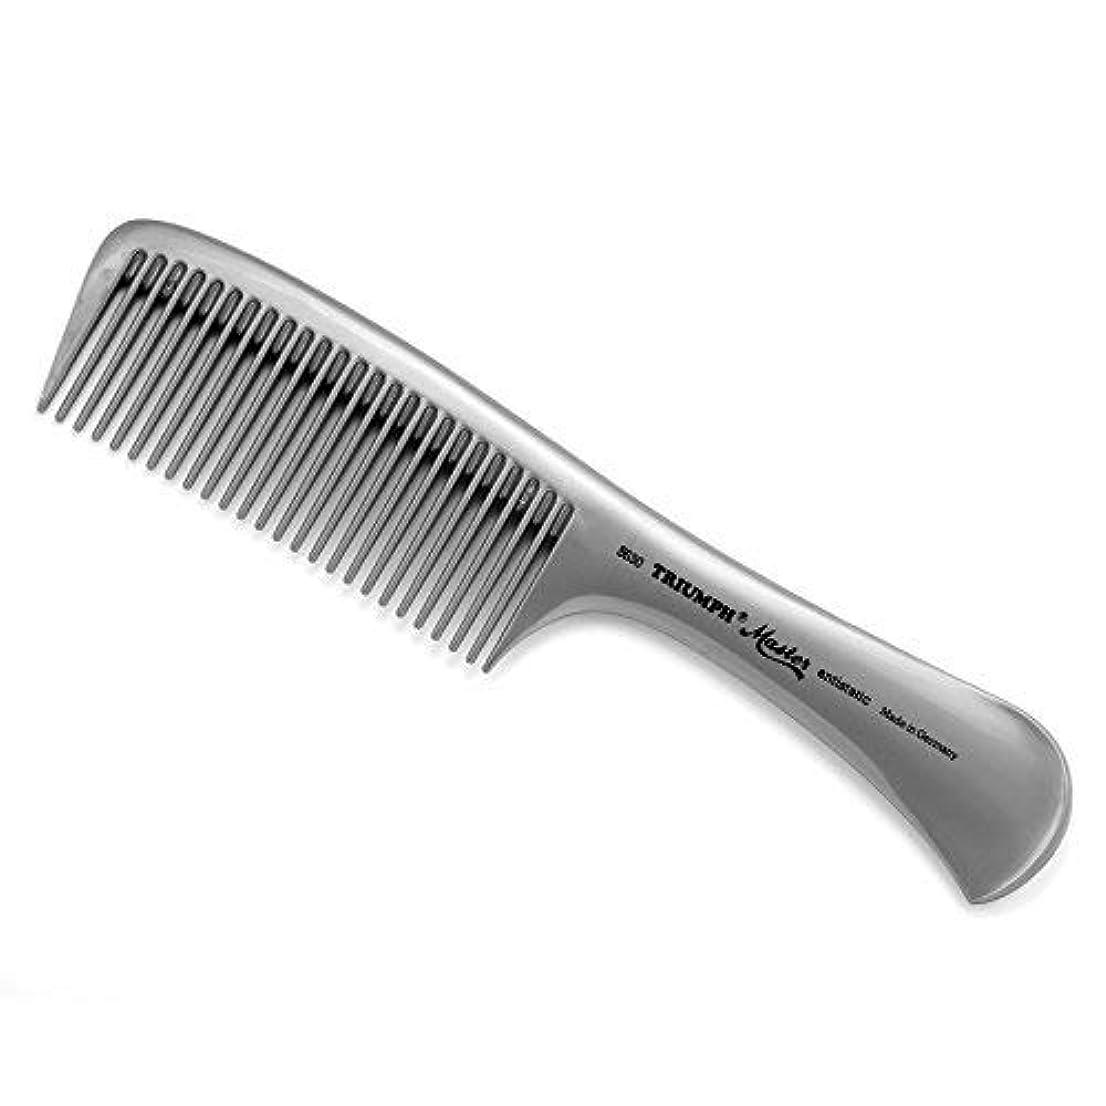 Triumph Master Handle Comb Silver 8.5